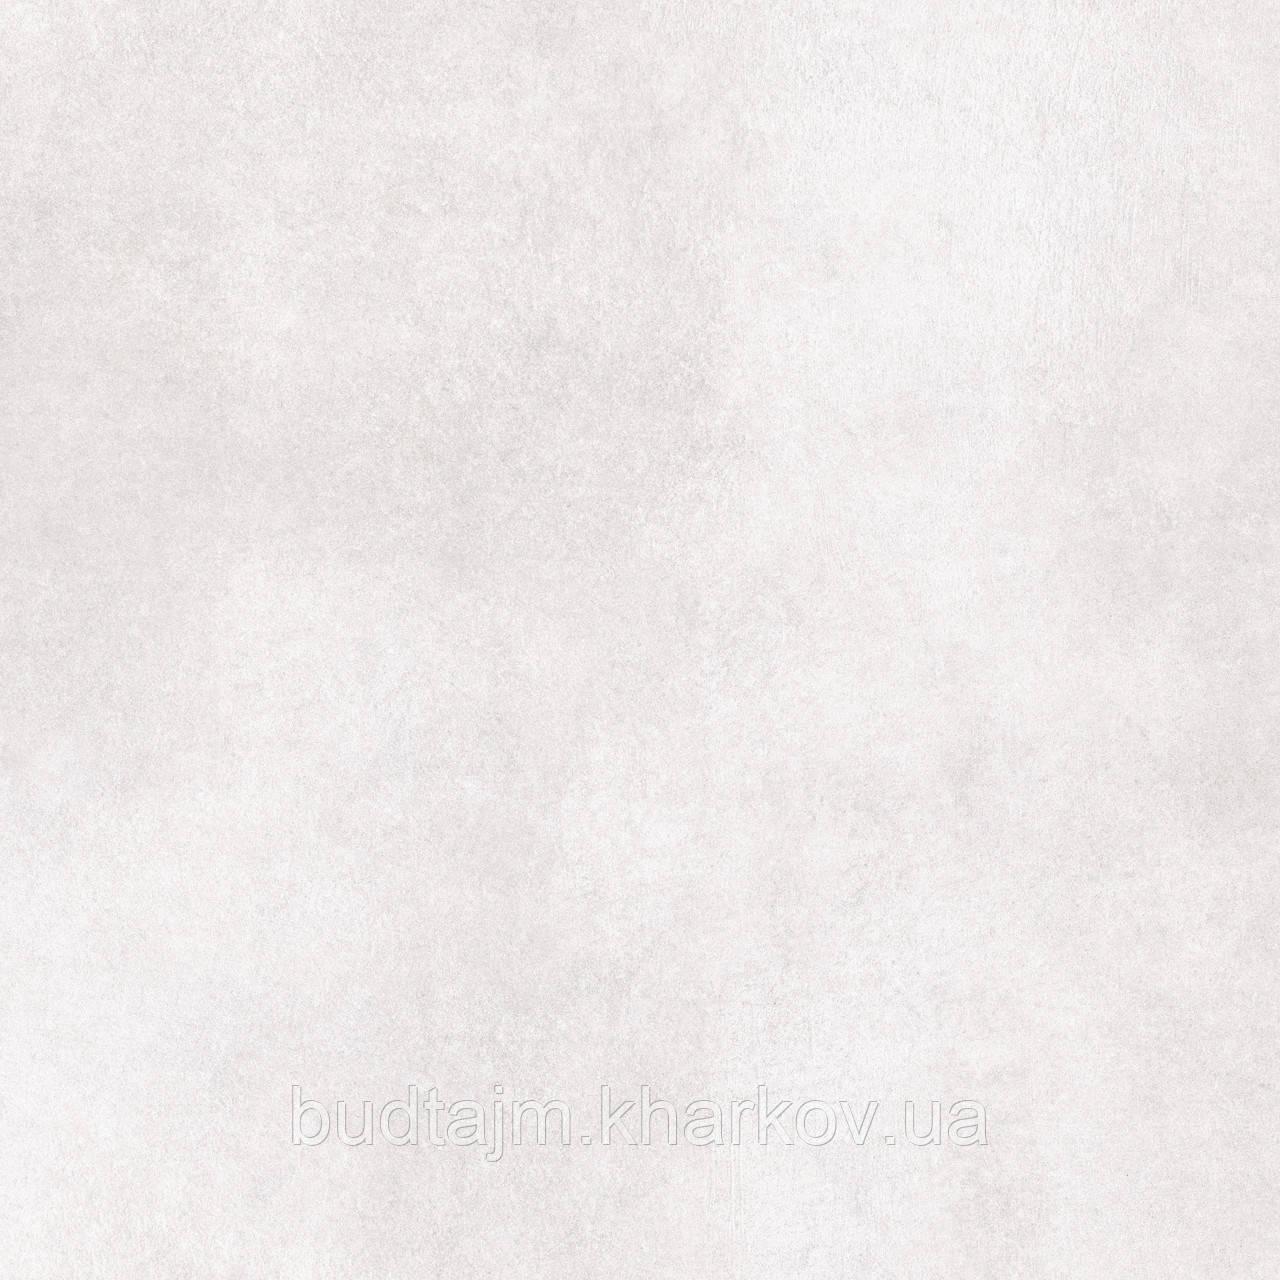 40х40 Керамическая плитка пол Lofty Лофти айвори белый